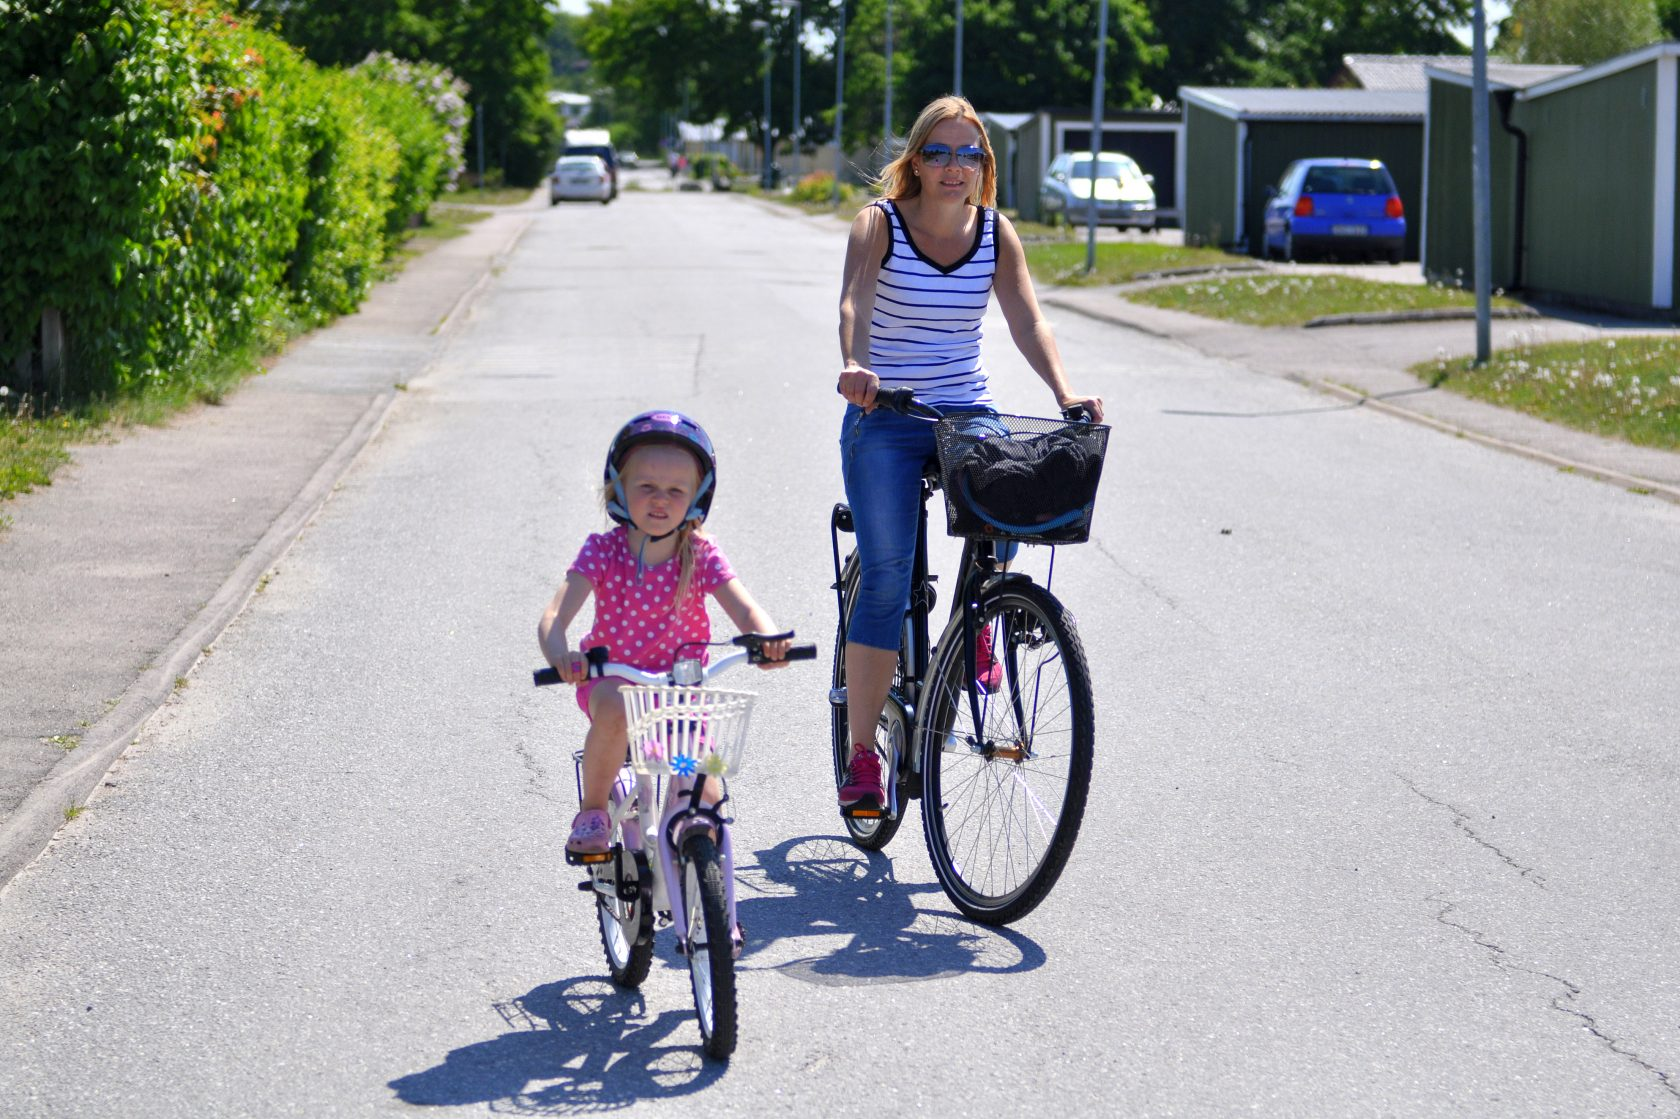 Vuxen och barn på varsin cykel i ett villaområde